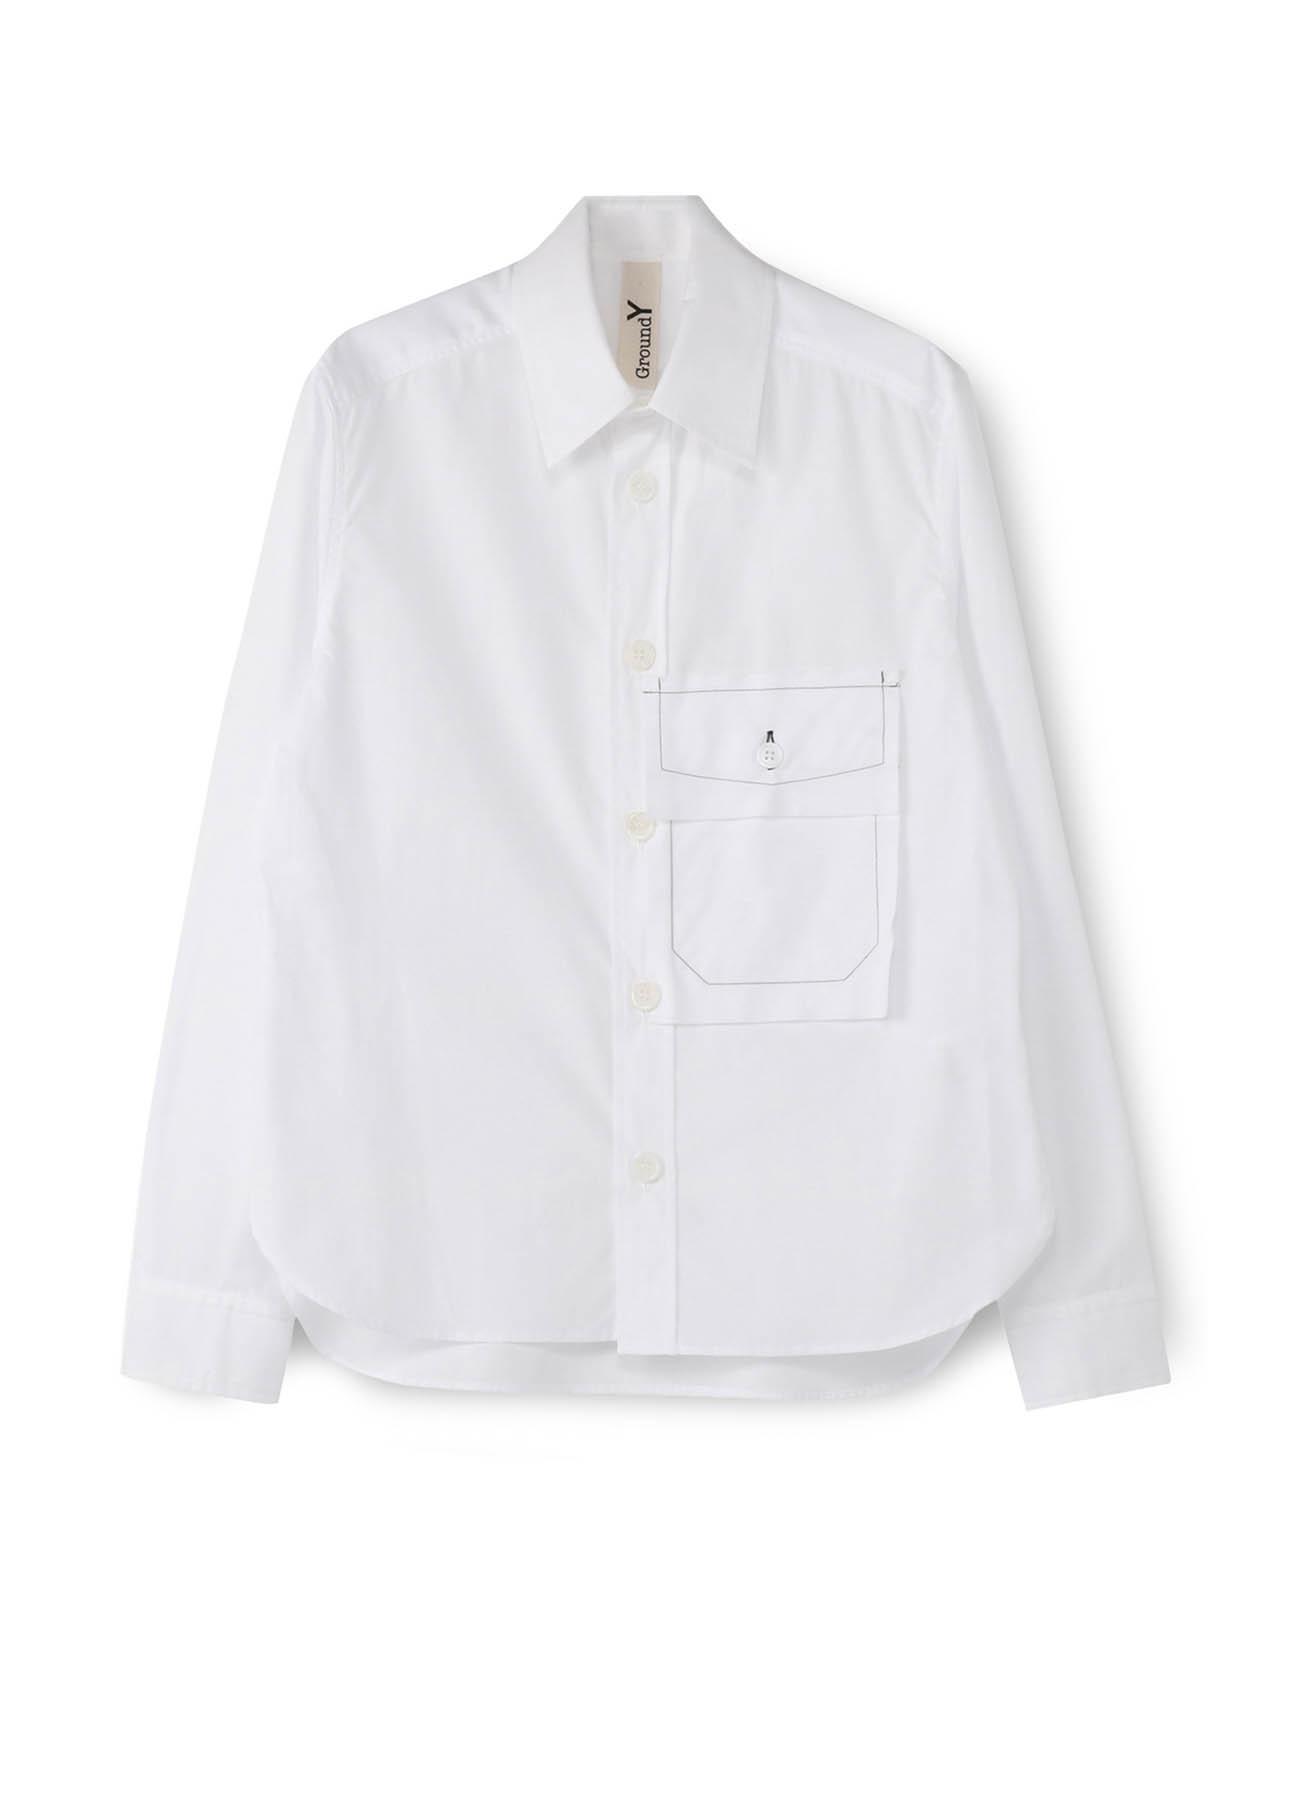 C/ブロード 裁ち切りポケットシャツ